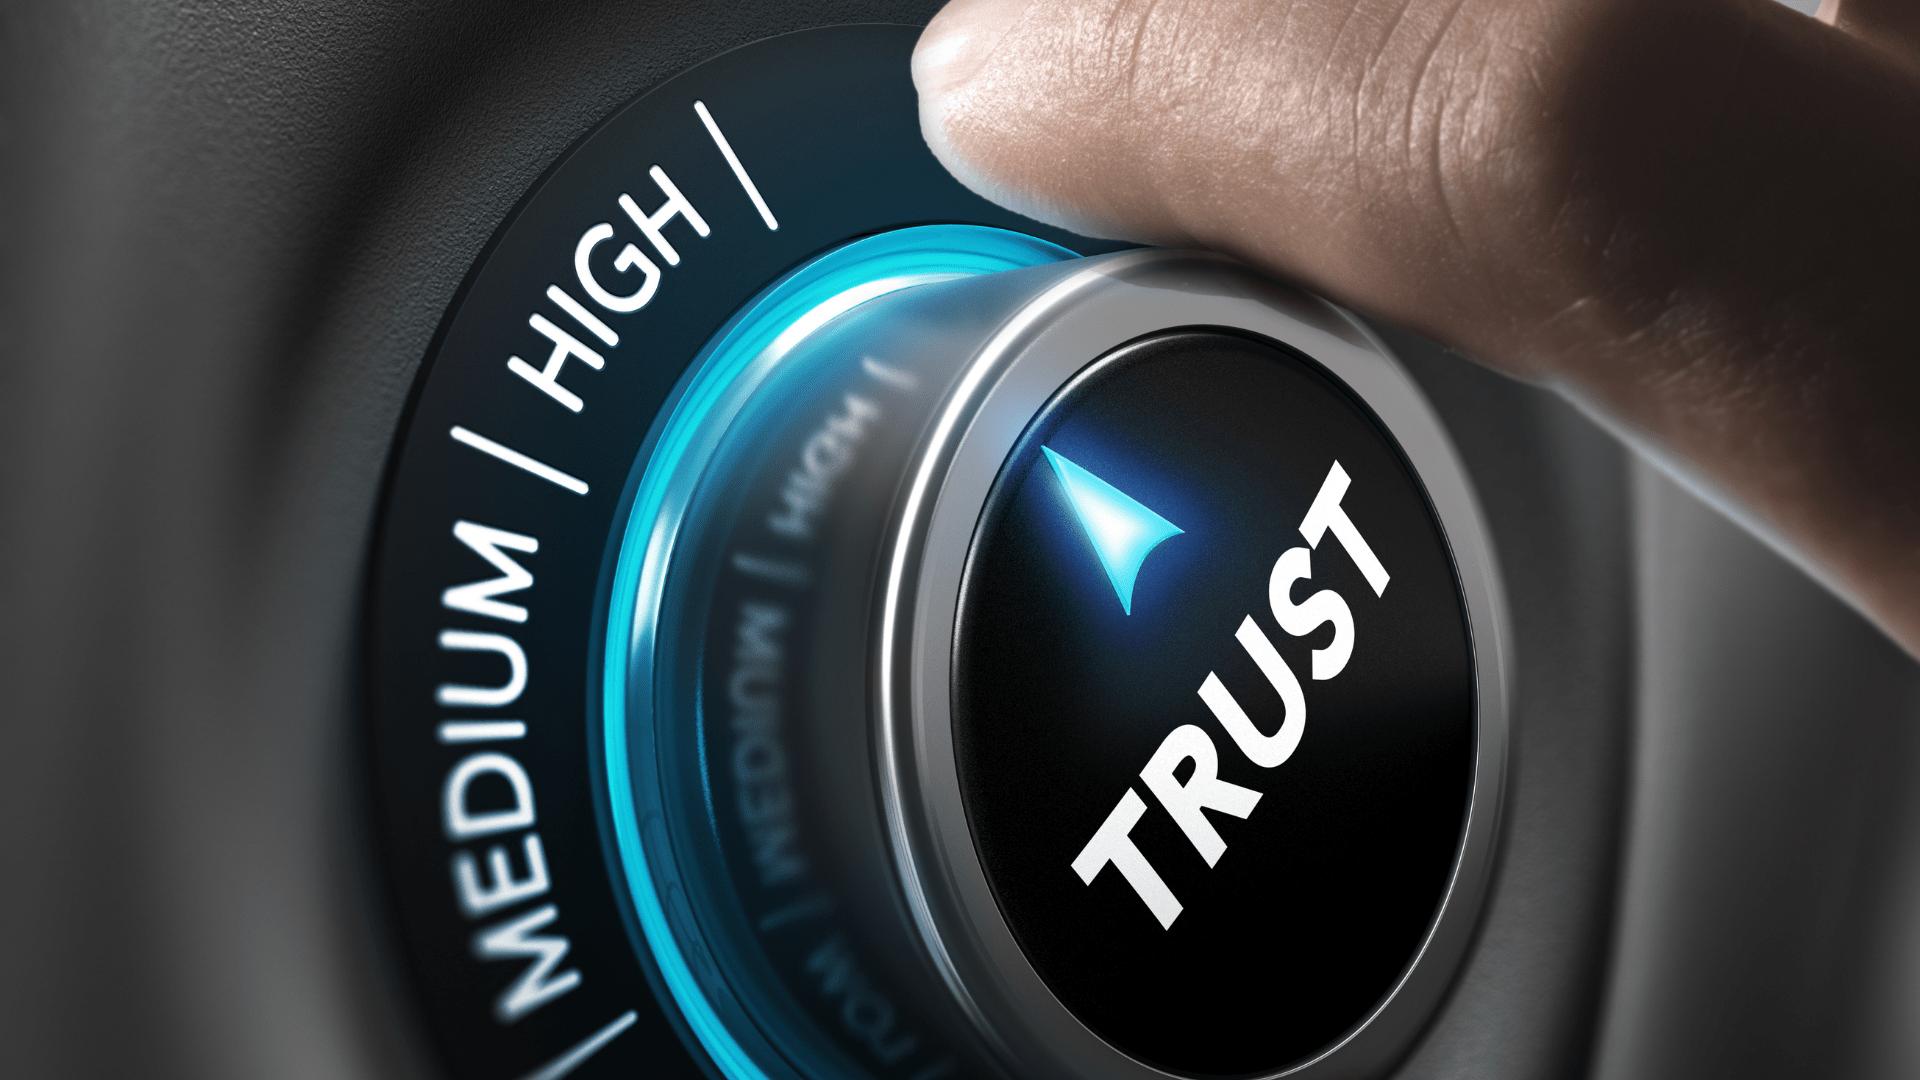 Bygga relationer och förtroenden i nätverket